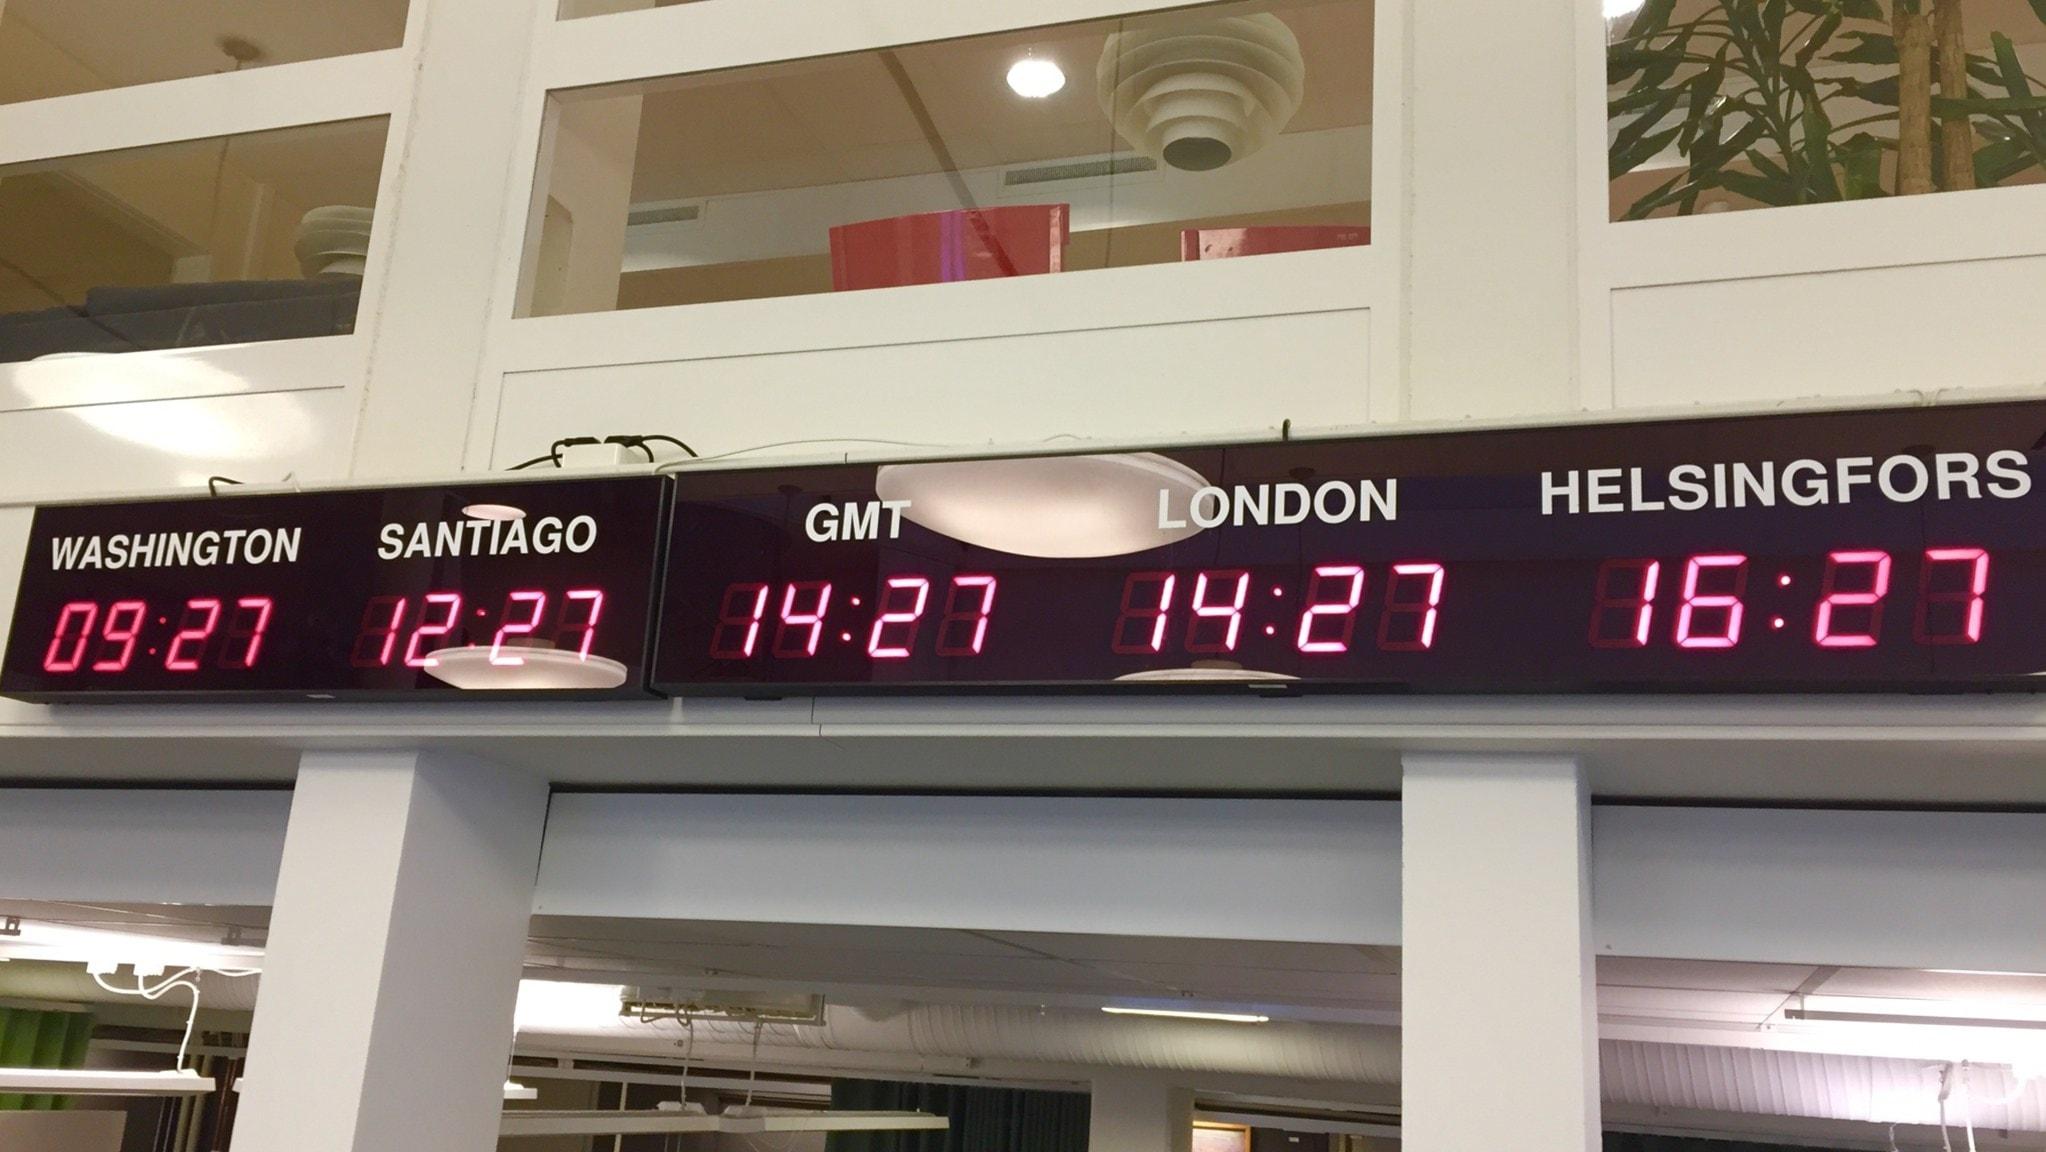 Dags att ta bort tidszonerna?